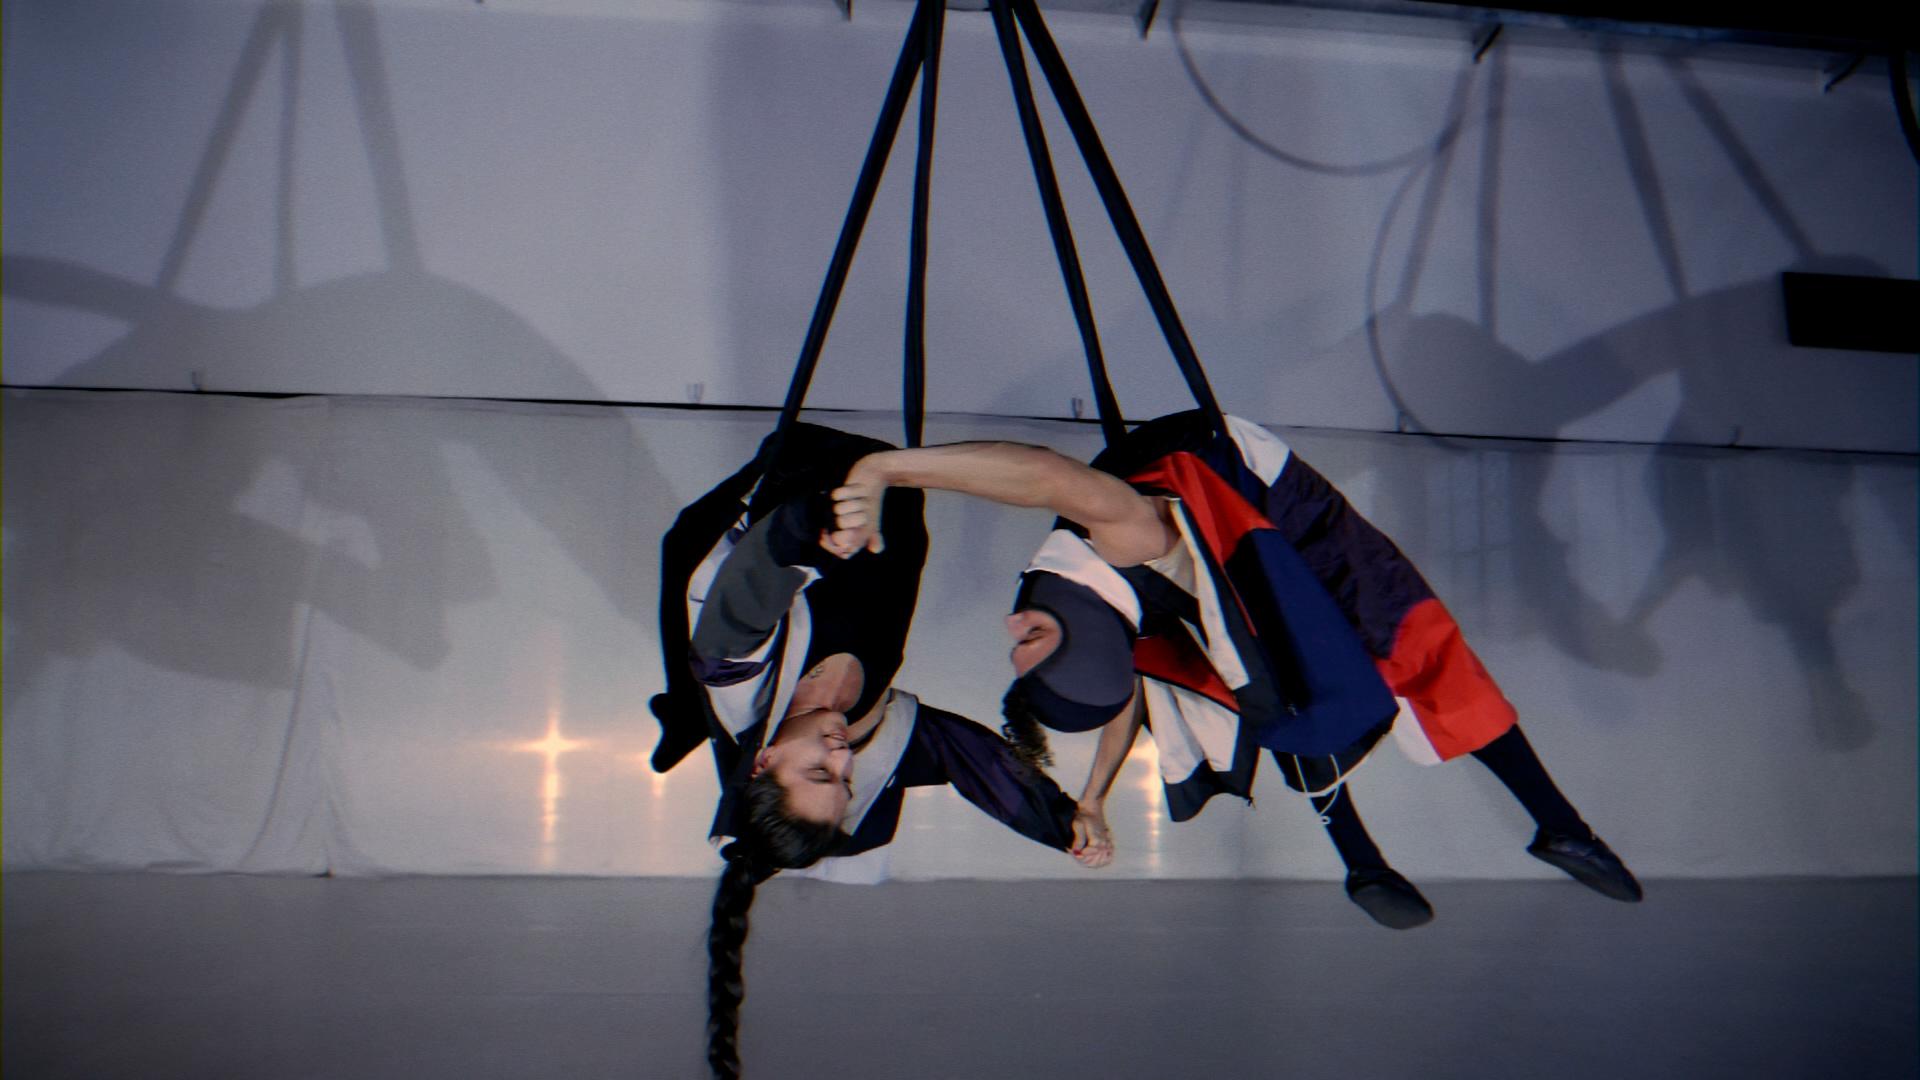 Collezione di Andrea Annarita Mazza_presso Accademia Kataklò2_Giulio Caravatti e Luis Miguel Nunez